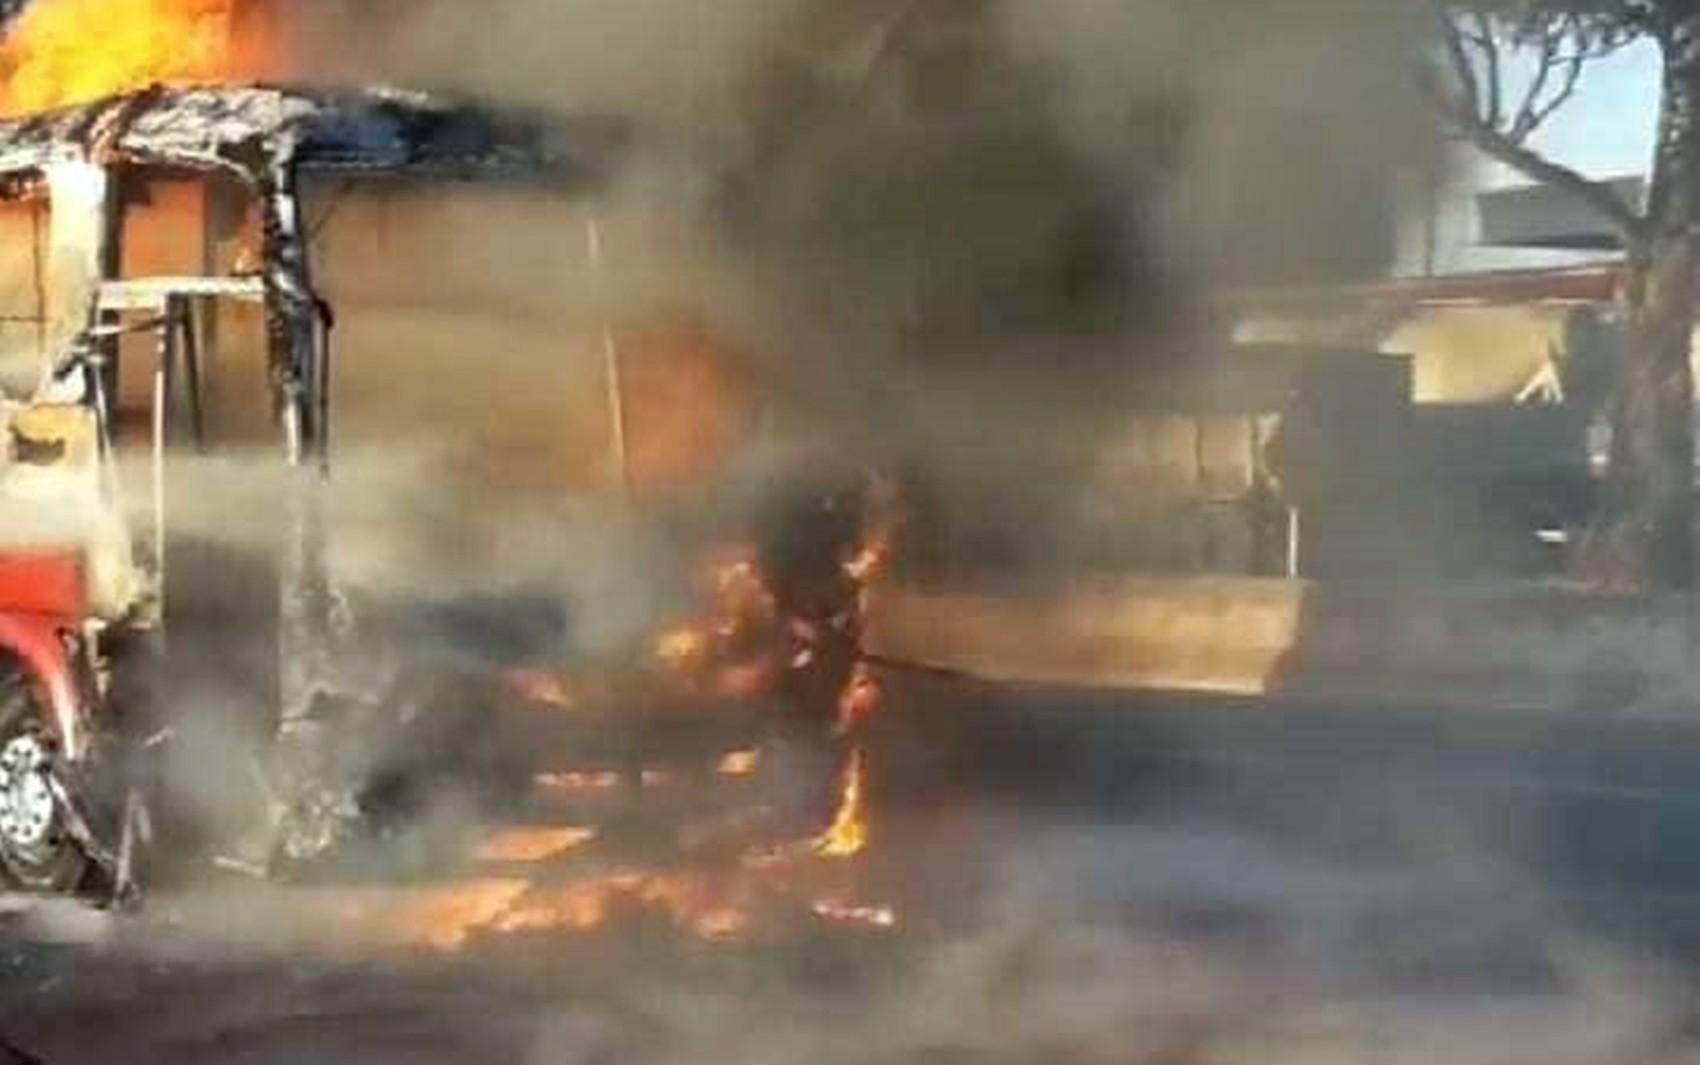 Ônibus de passageiros pega fogo na BR-265, na saída de Lavras, MG - Notícias - Plantão Diário